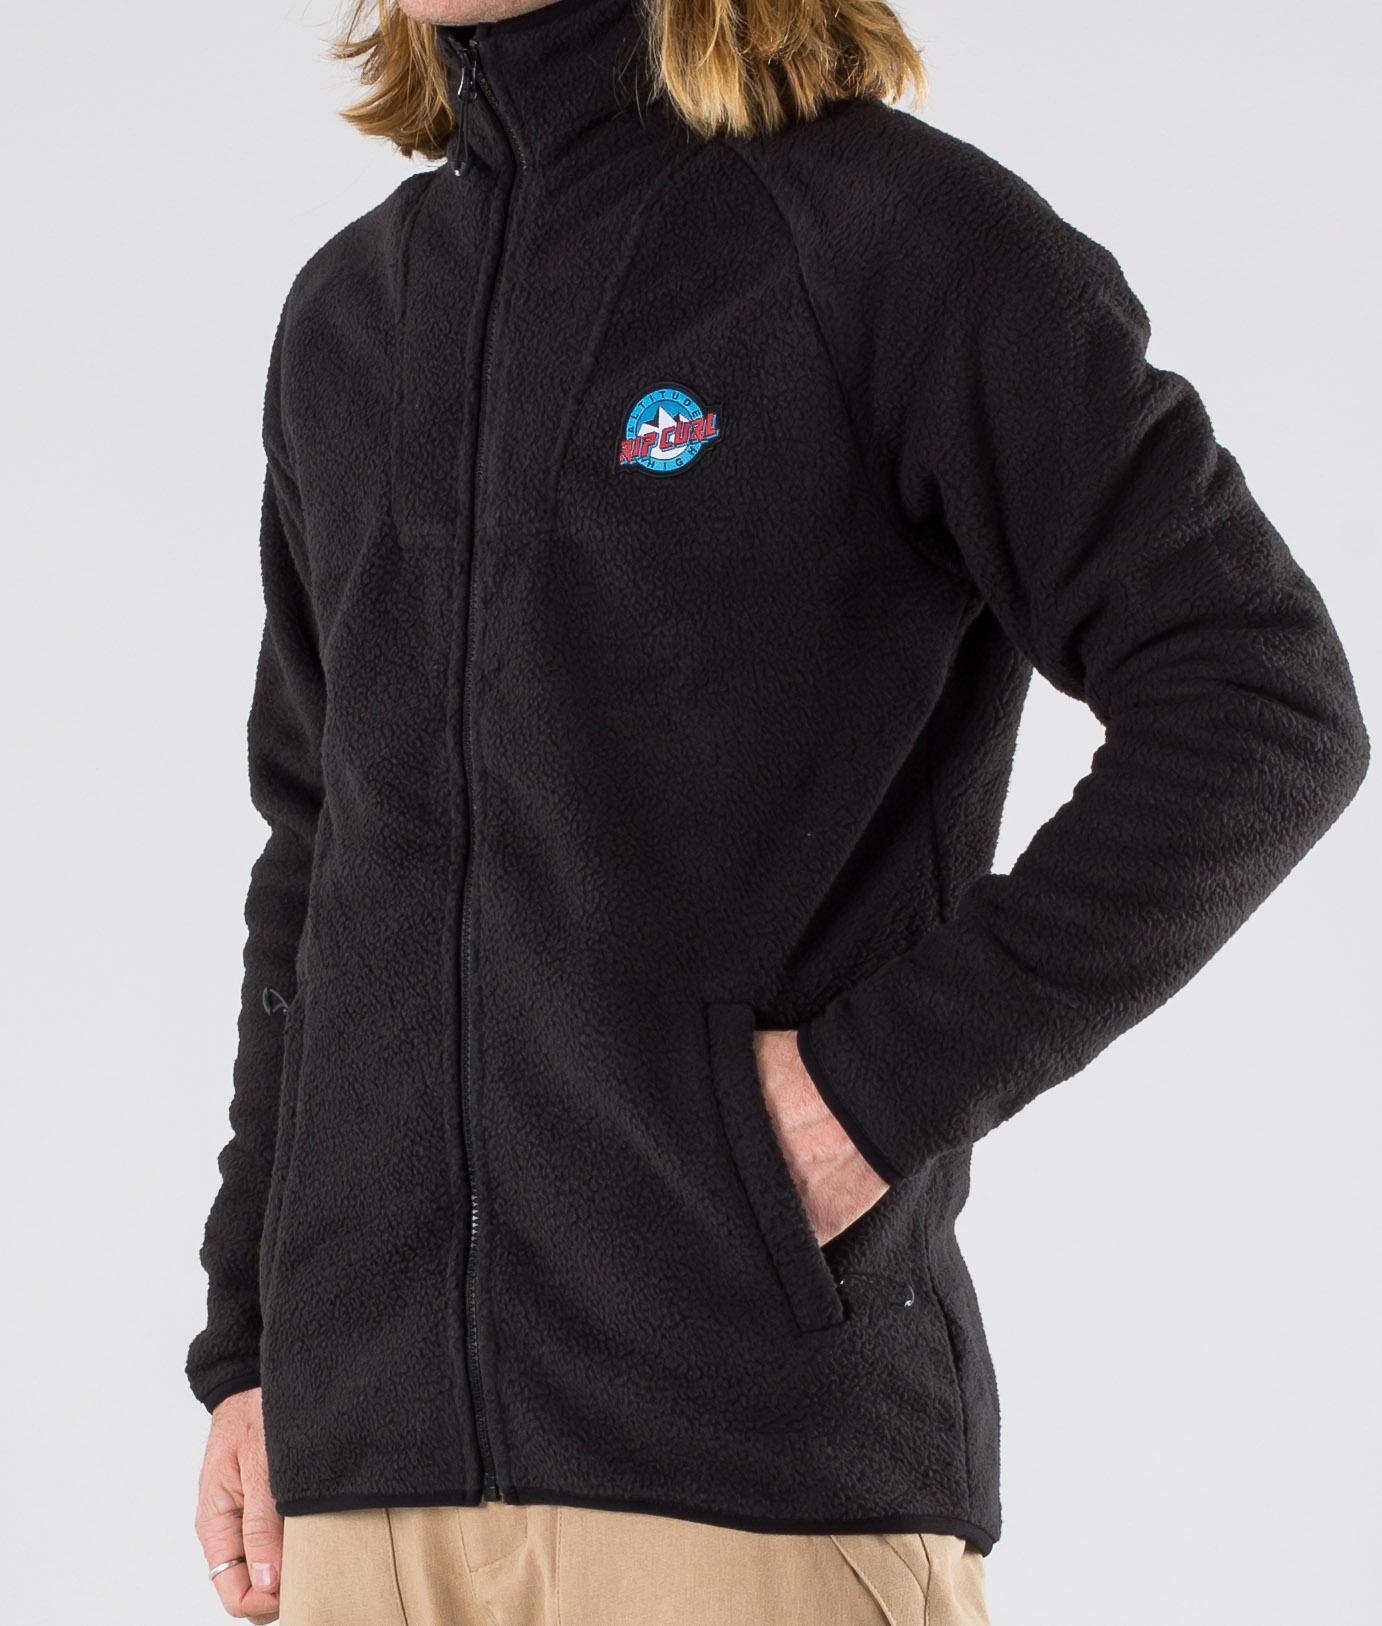 Vinterjakke skijakke snowboard jakke, Rip Curl, str S